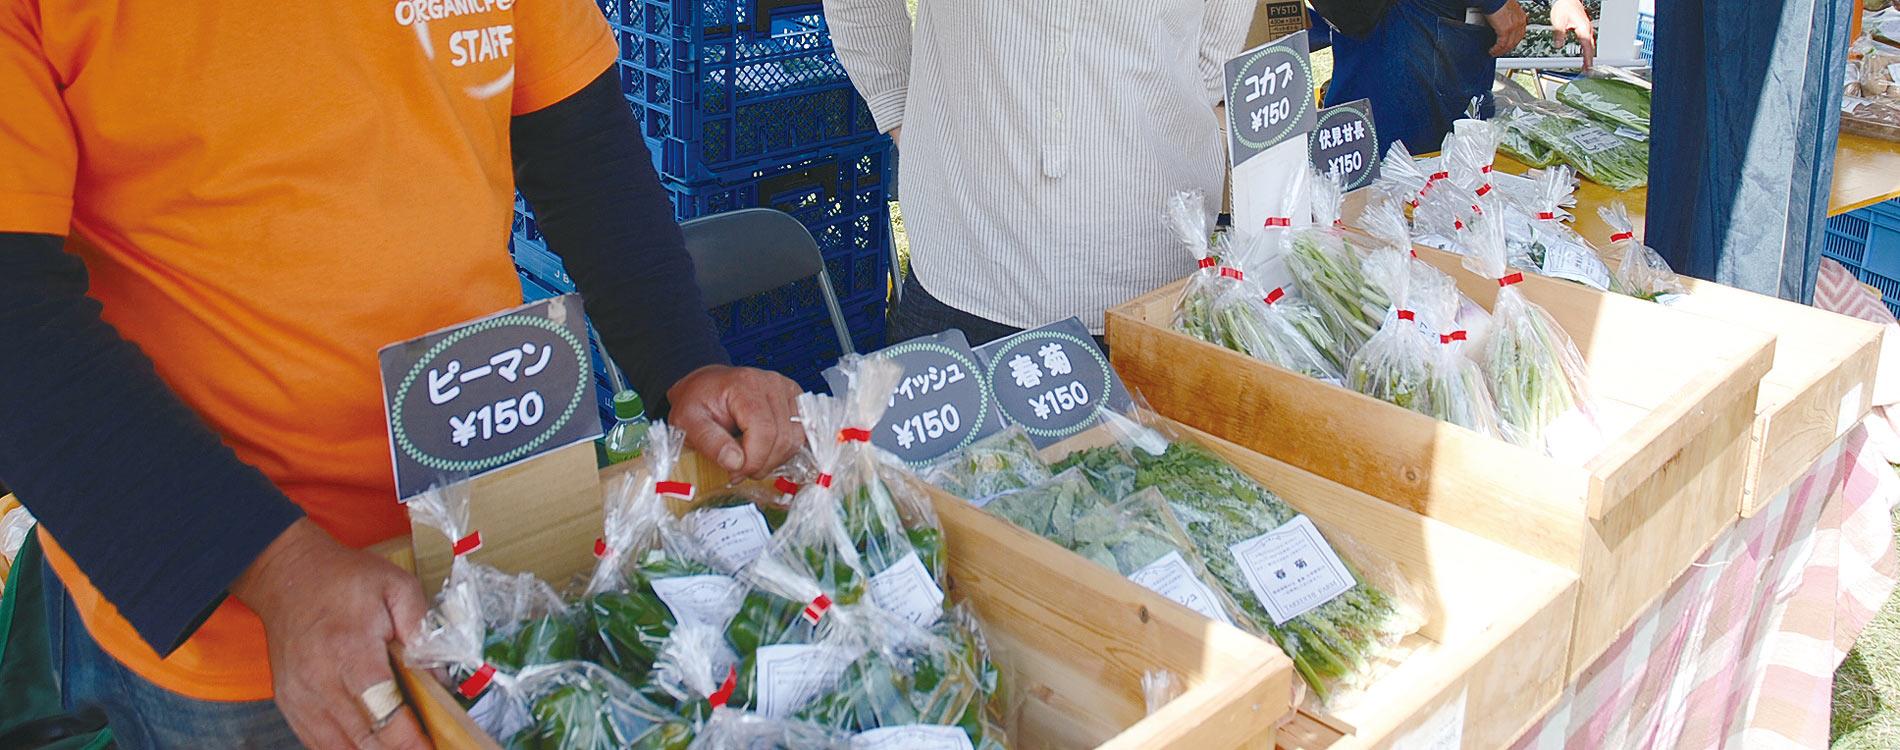 オーガニックフェスタの野菜販売ブース